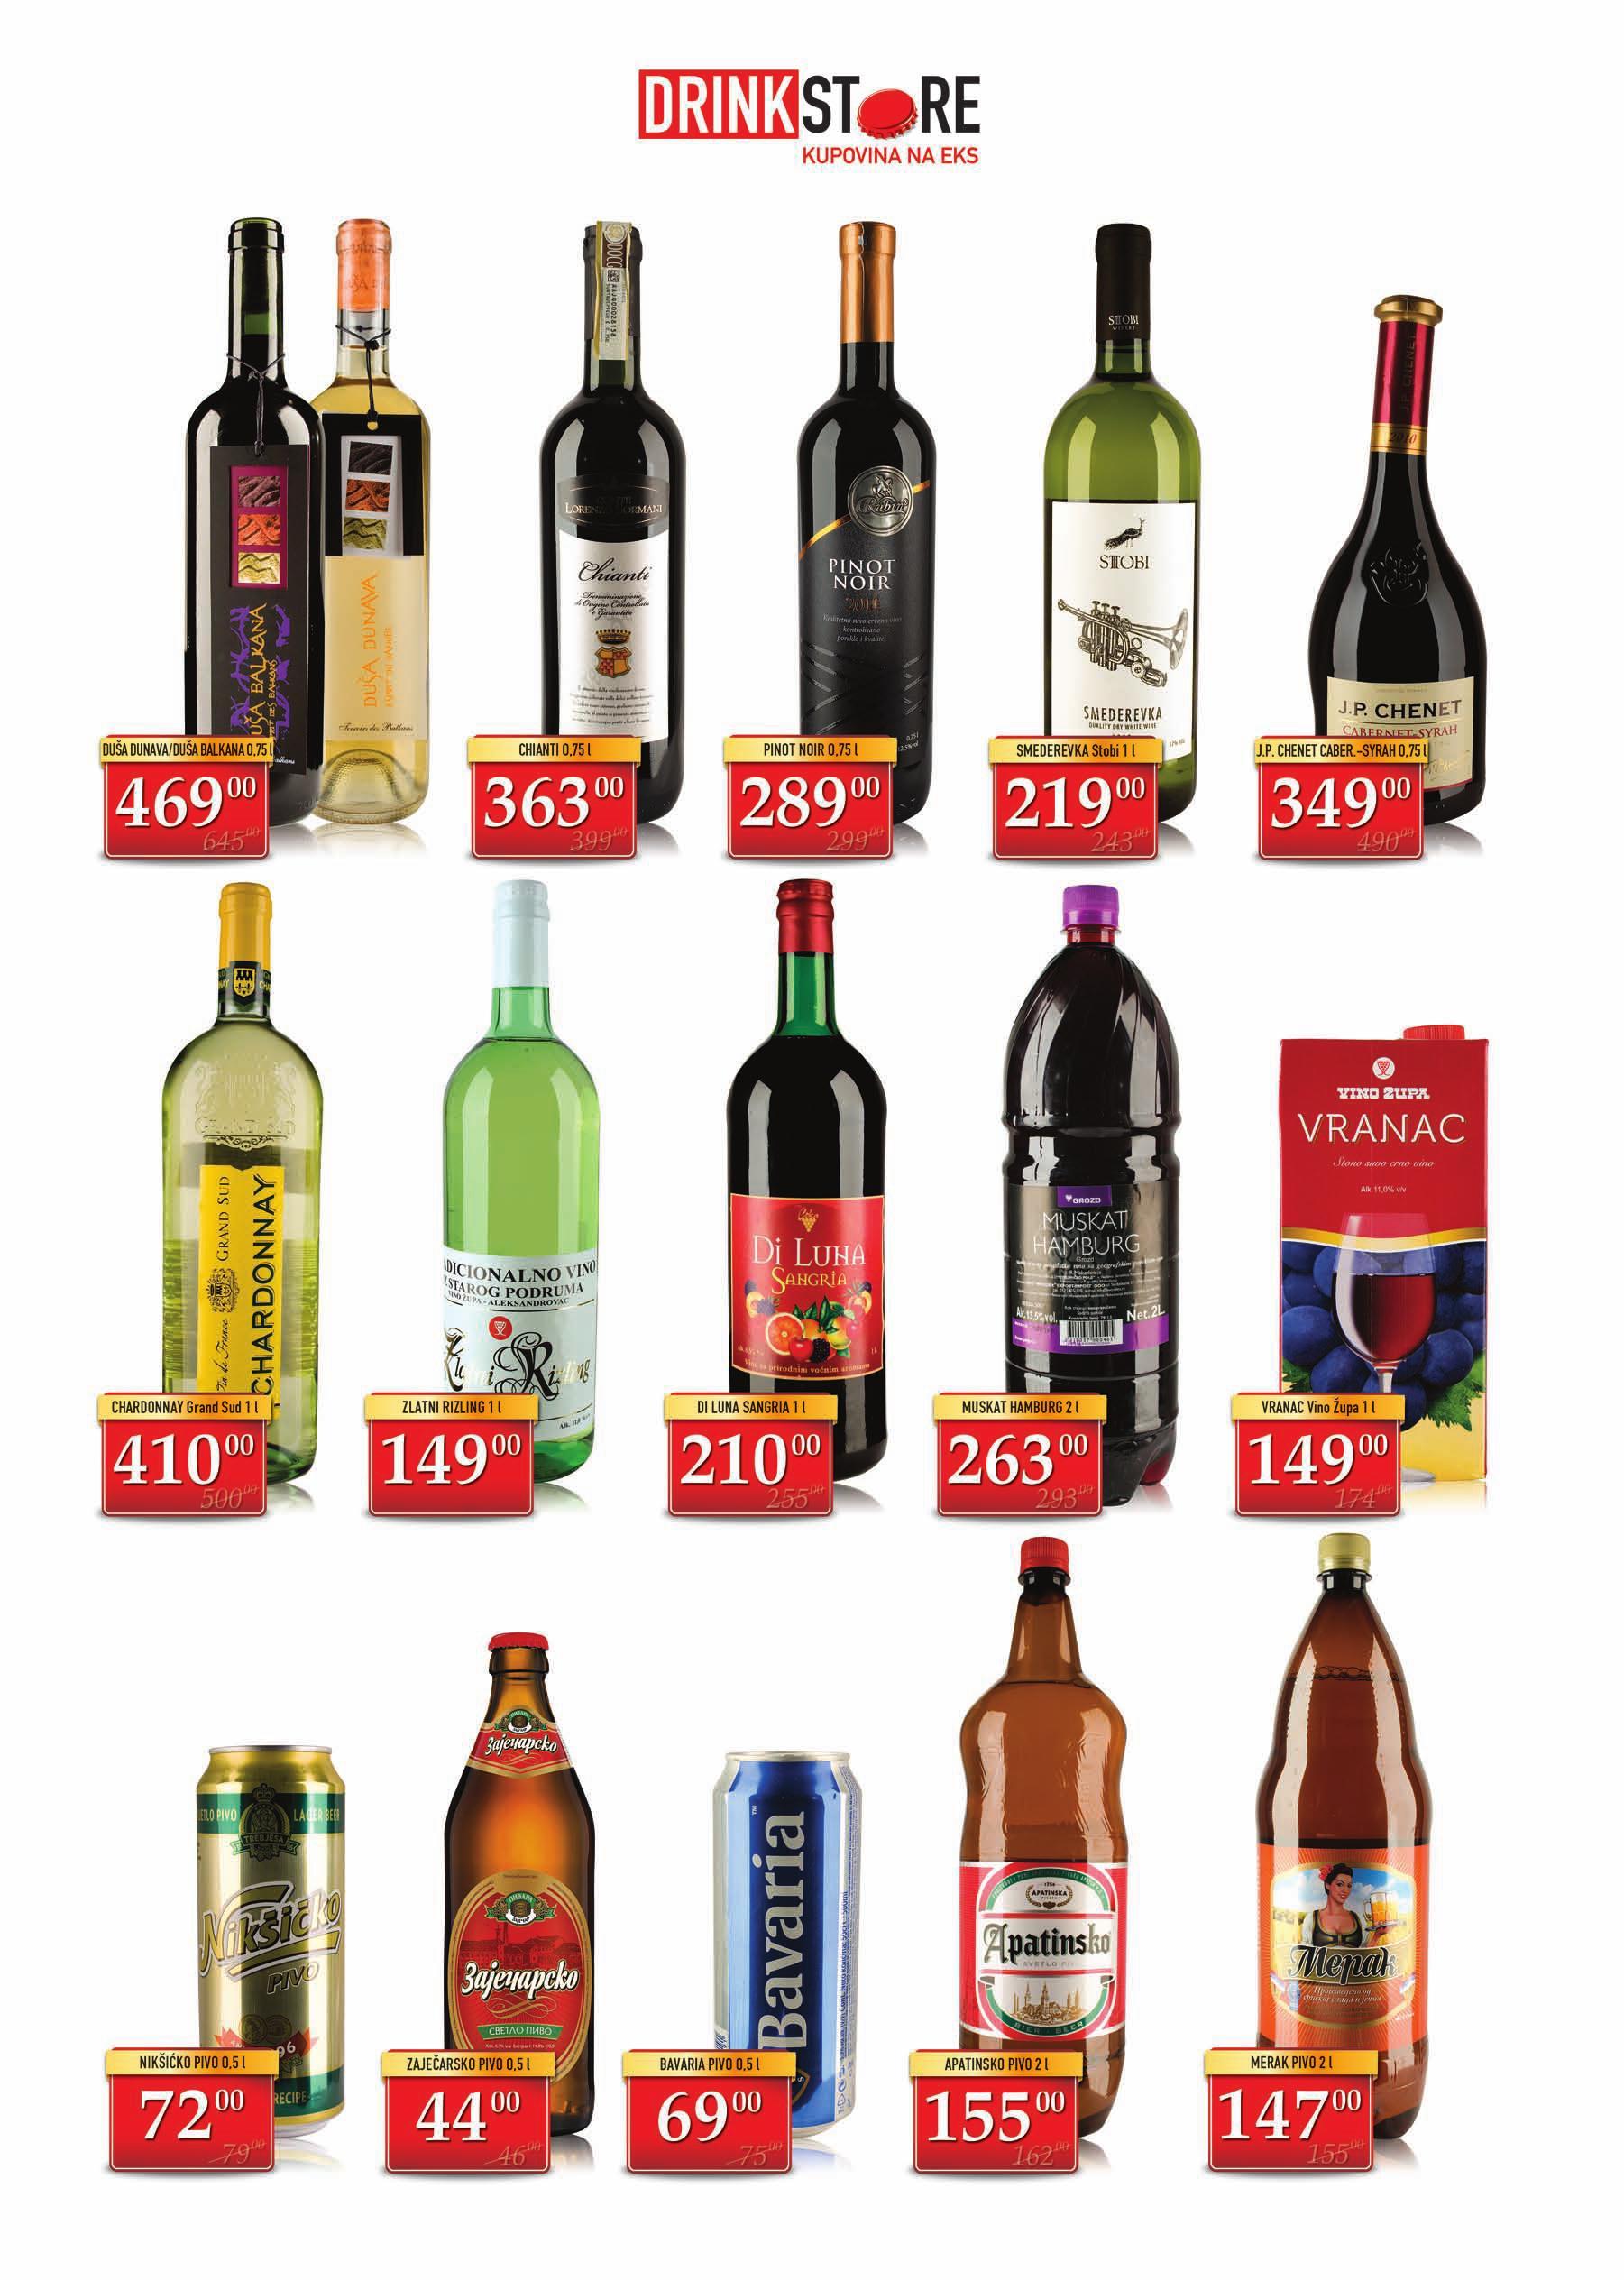 Drink Store akcija super cena za vas